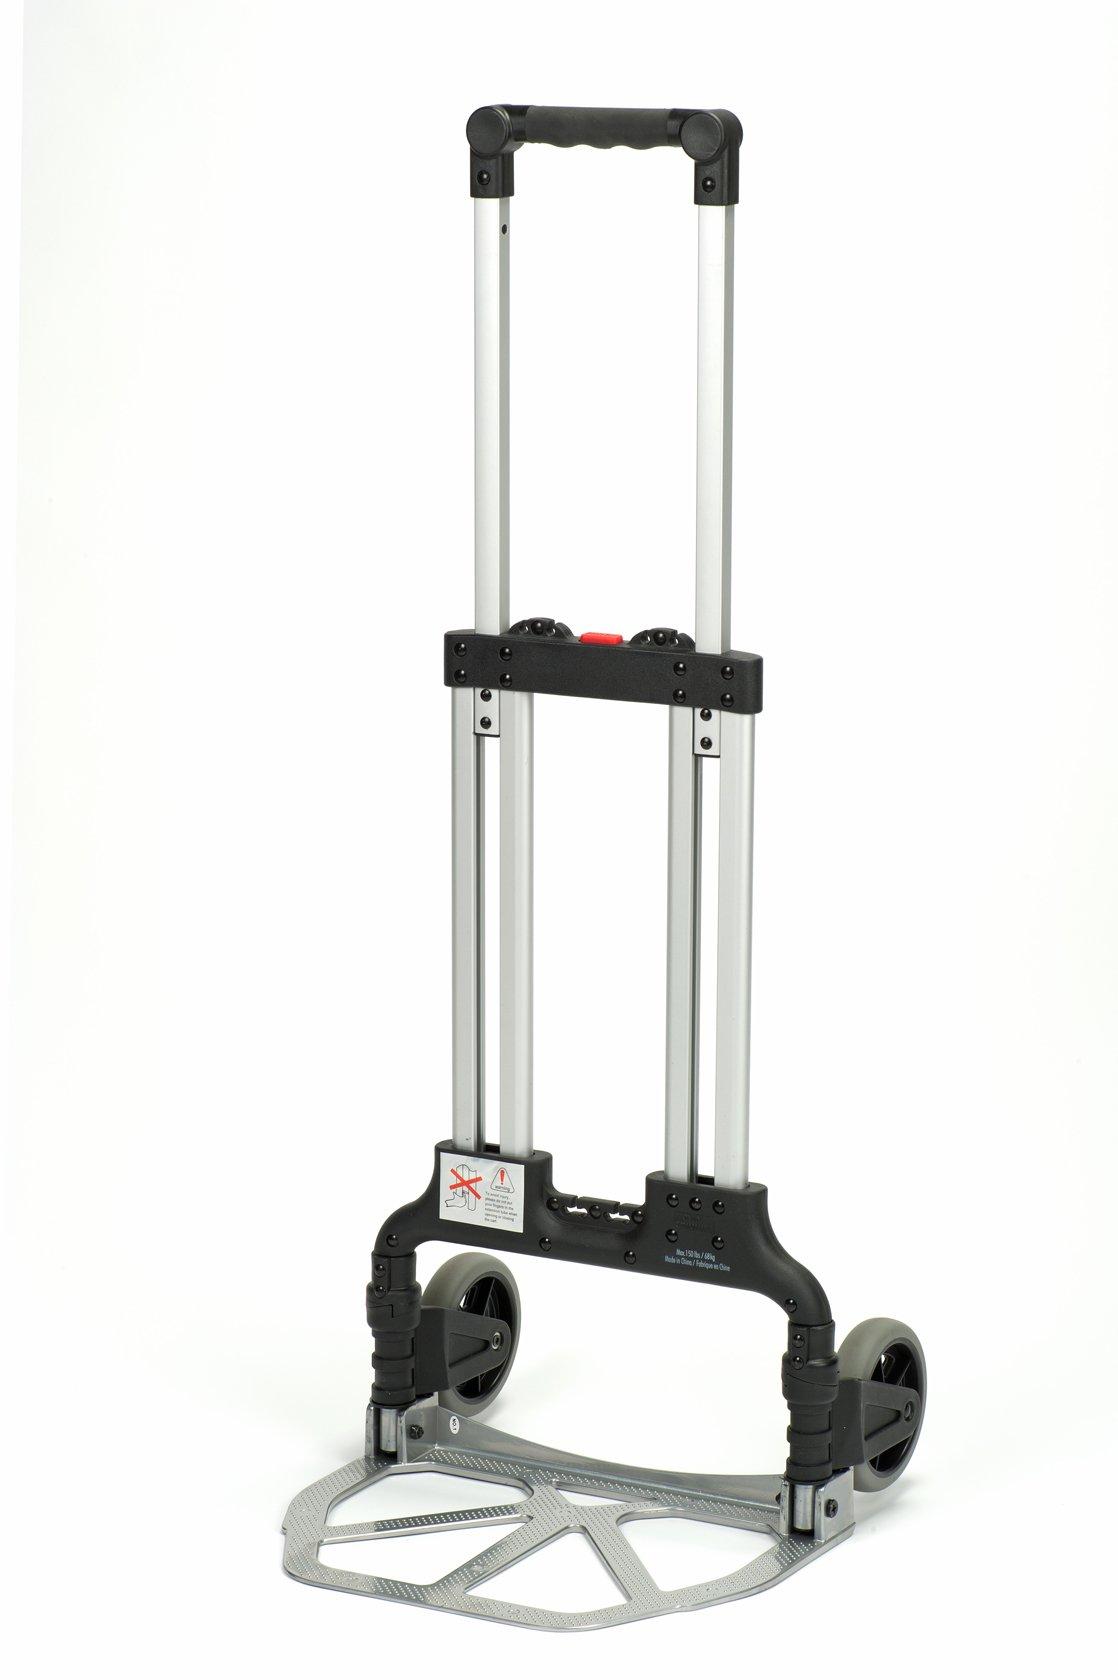 Vektor VFH070 - Carretilla de aluminio completamente plegable product image